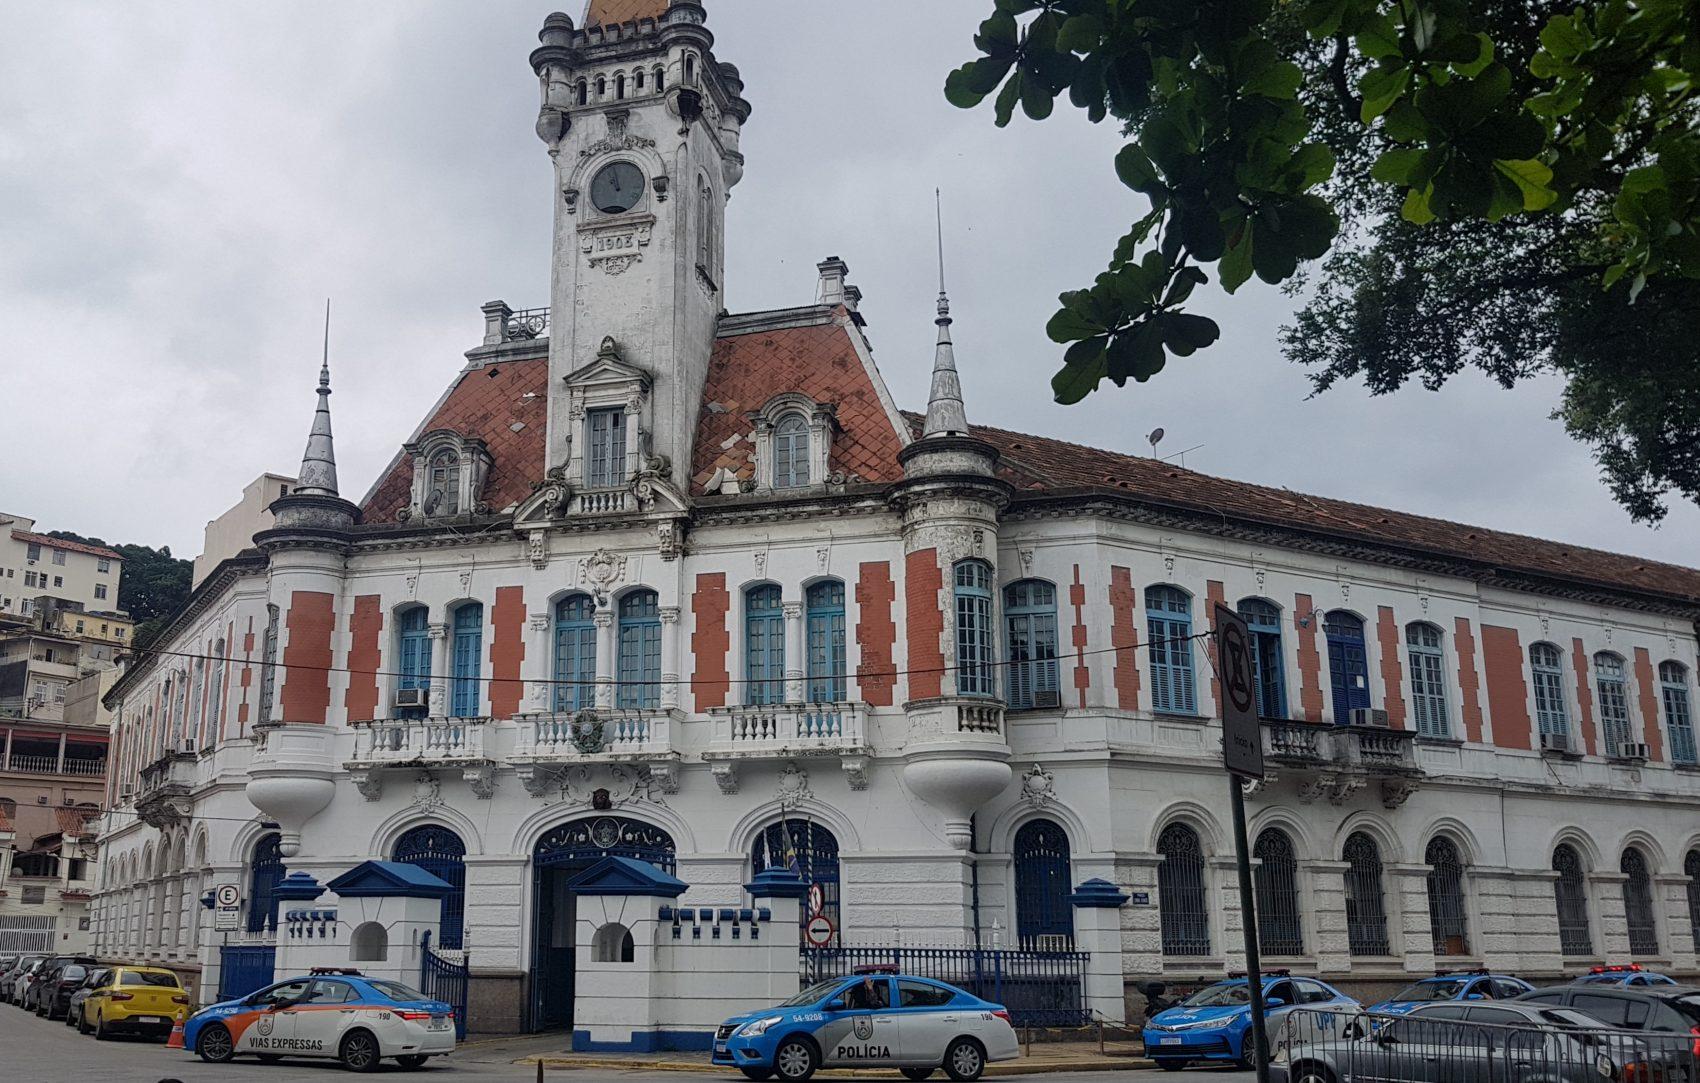 Batalhão da PM na Praça da Harmonia: inaugurado em 1908 na praça reformada que havia sido batizada com nome que nunca pegou (Foto: Oscar Valporto)